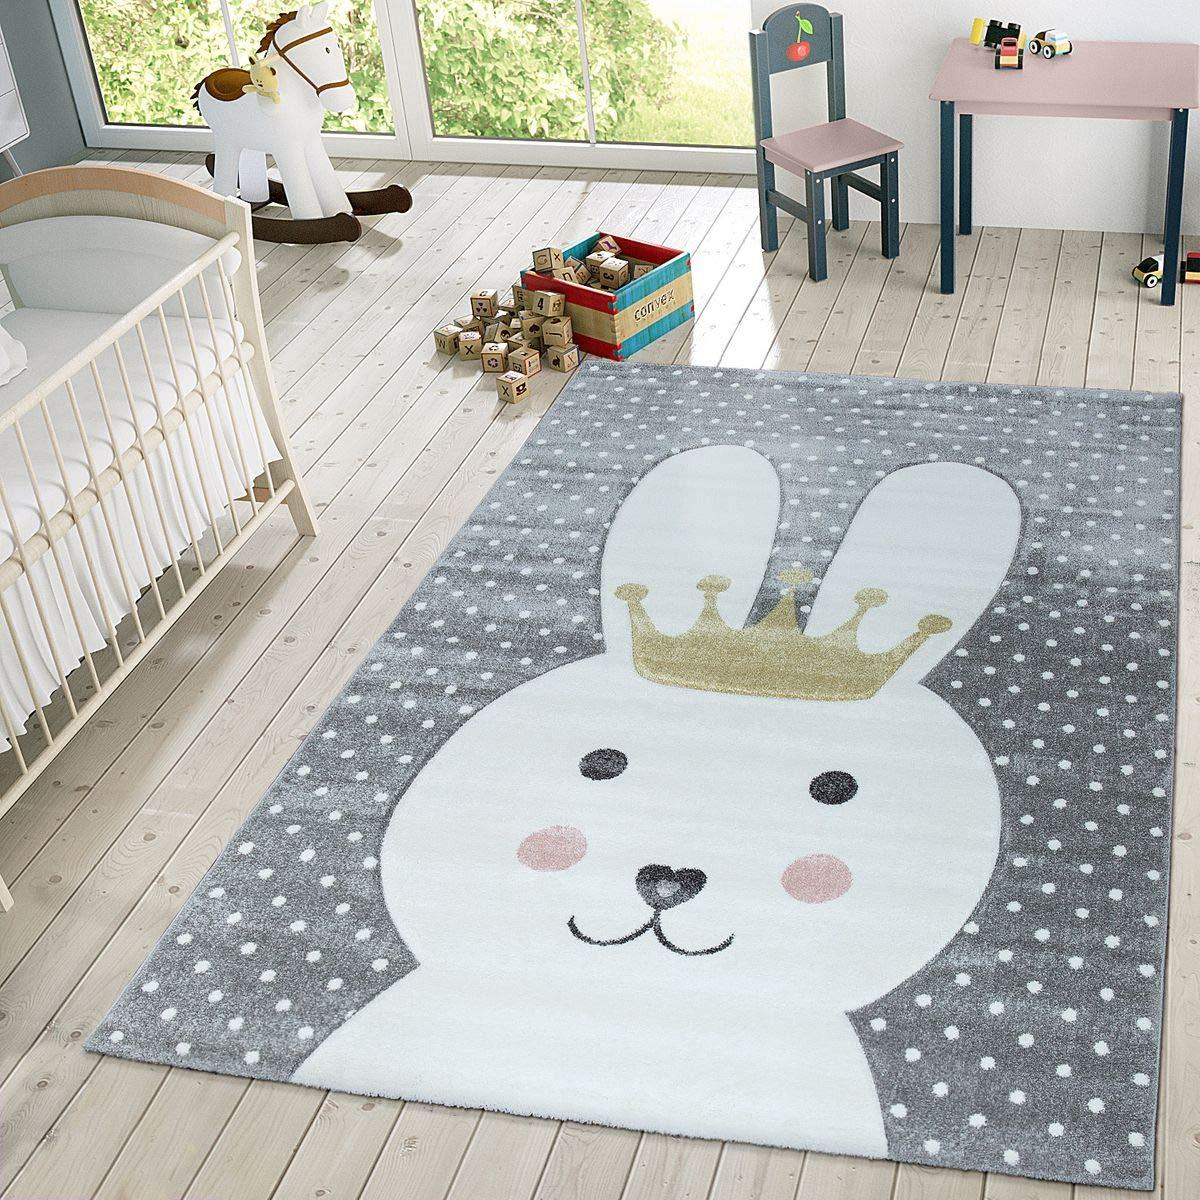 Spiel-Teppich F/ür Kinderzimmer Mit Stra/ßen-Motiv In Gr/ün Grau Gr/össe:80x150 cm Paco Home Kinder-Teppich